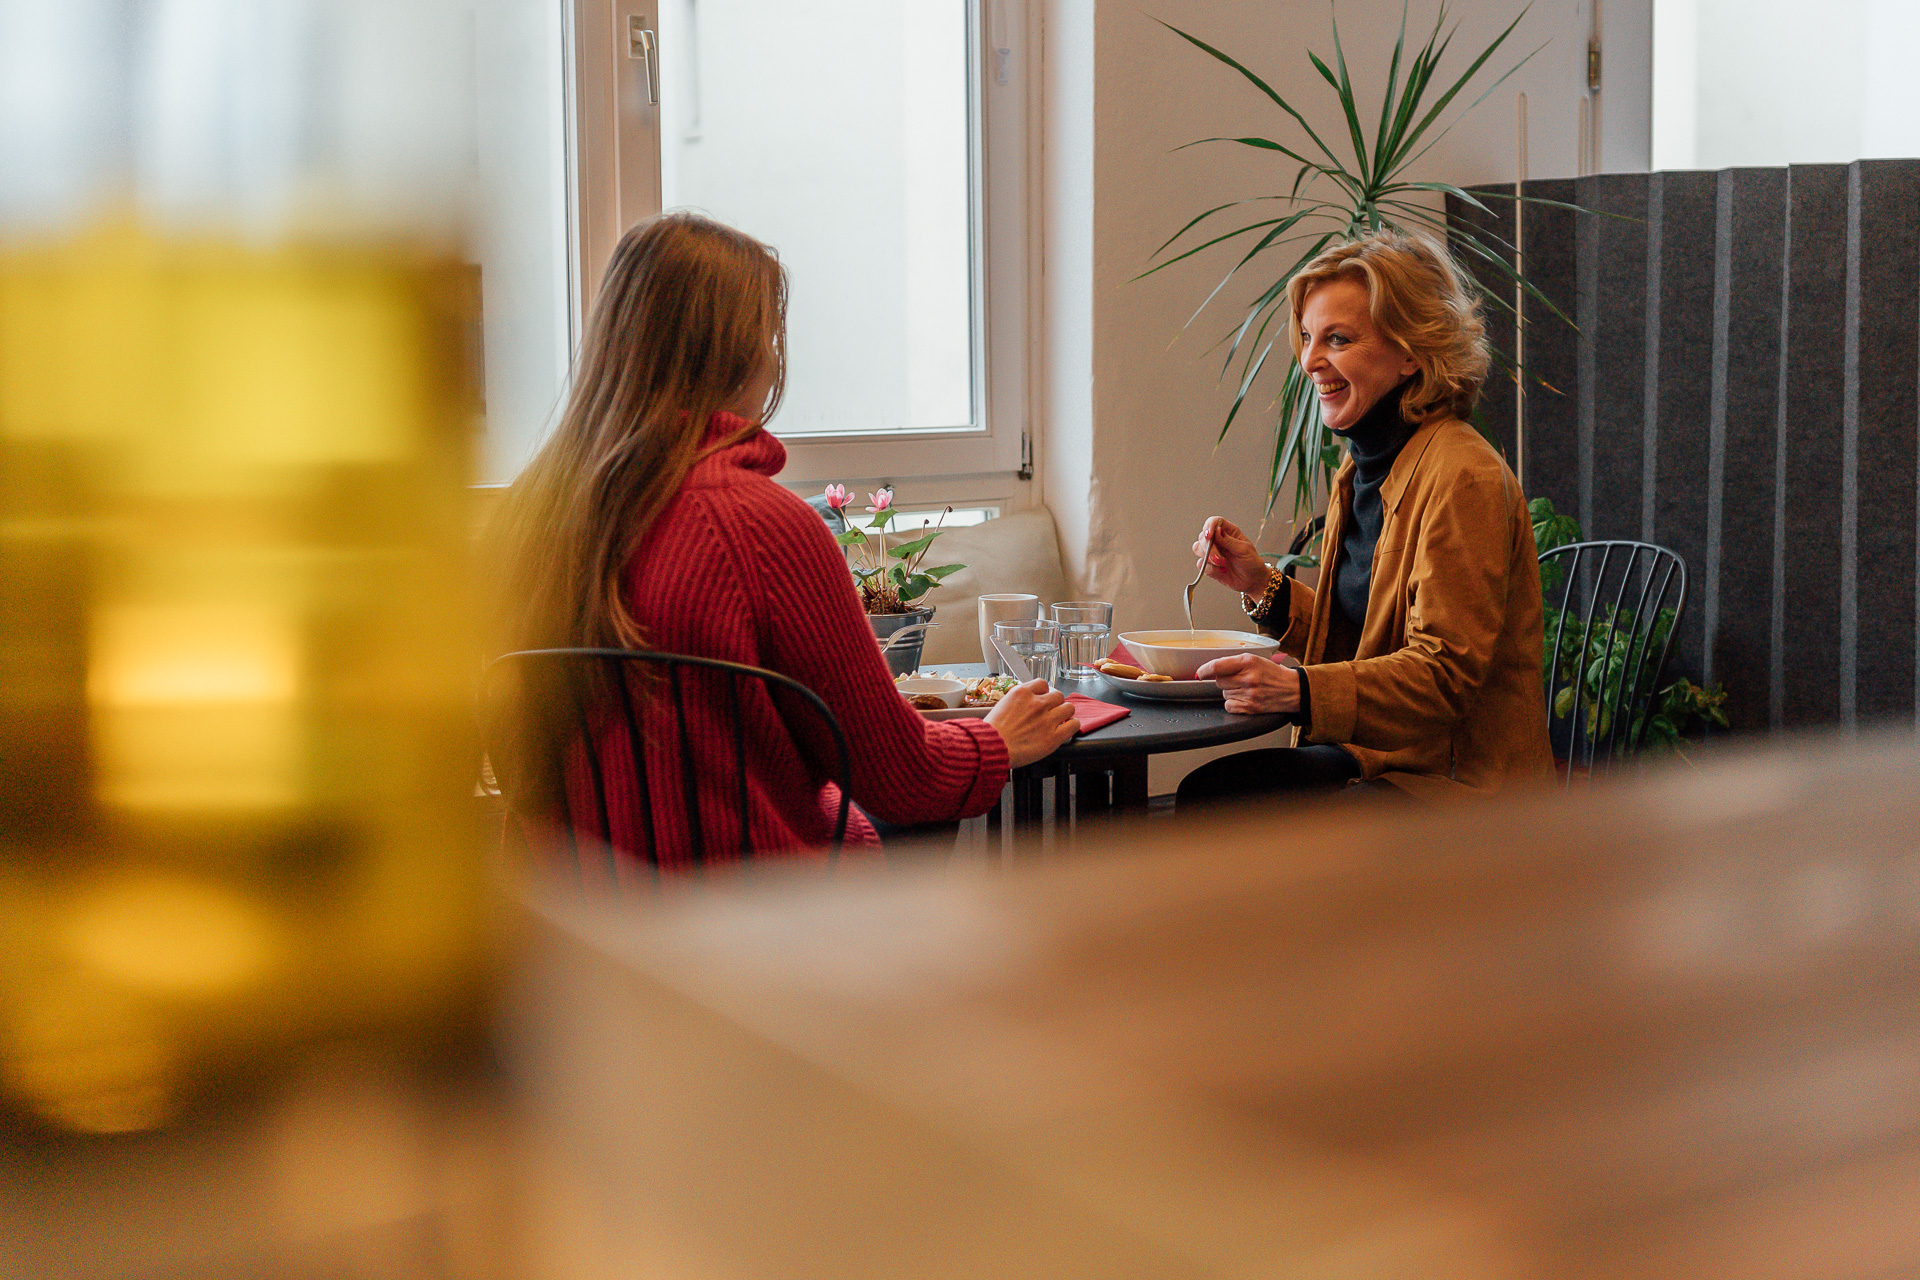 Café Besucher sitzen am Tisch und essen